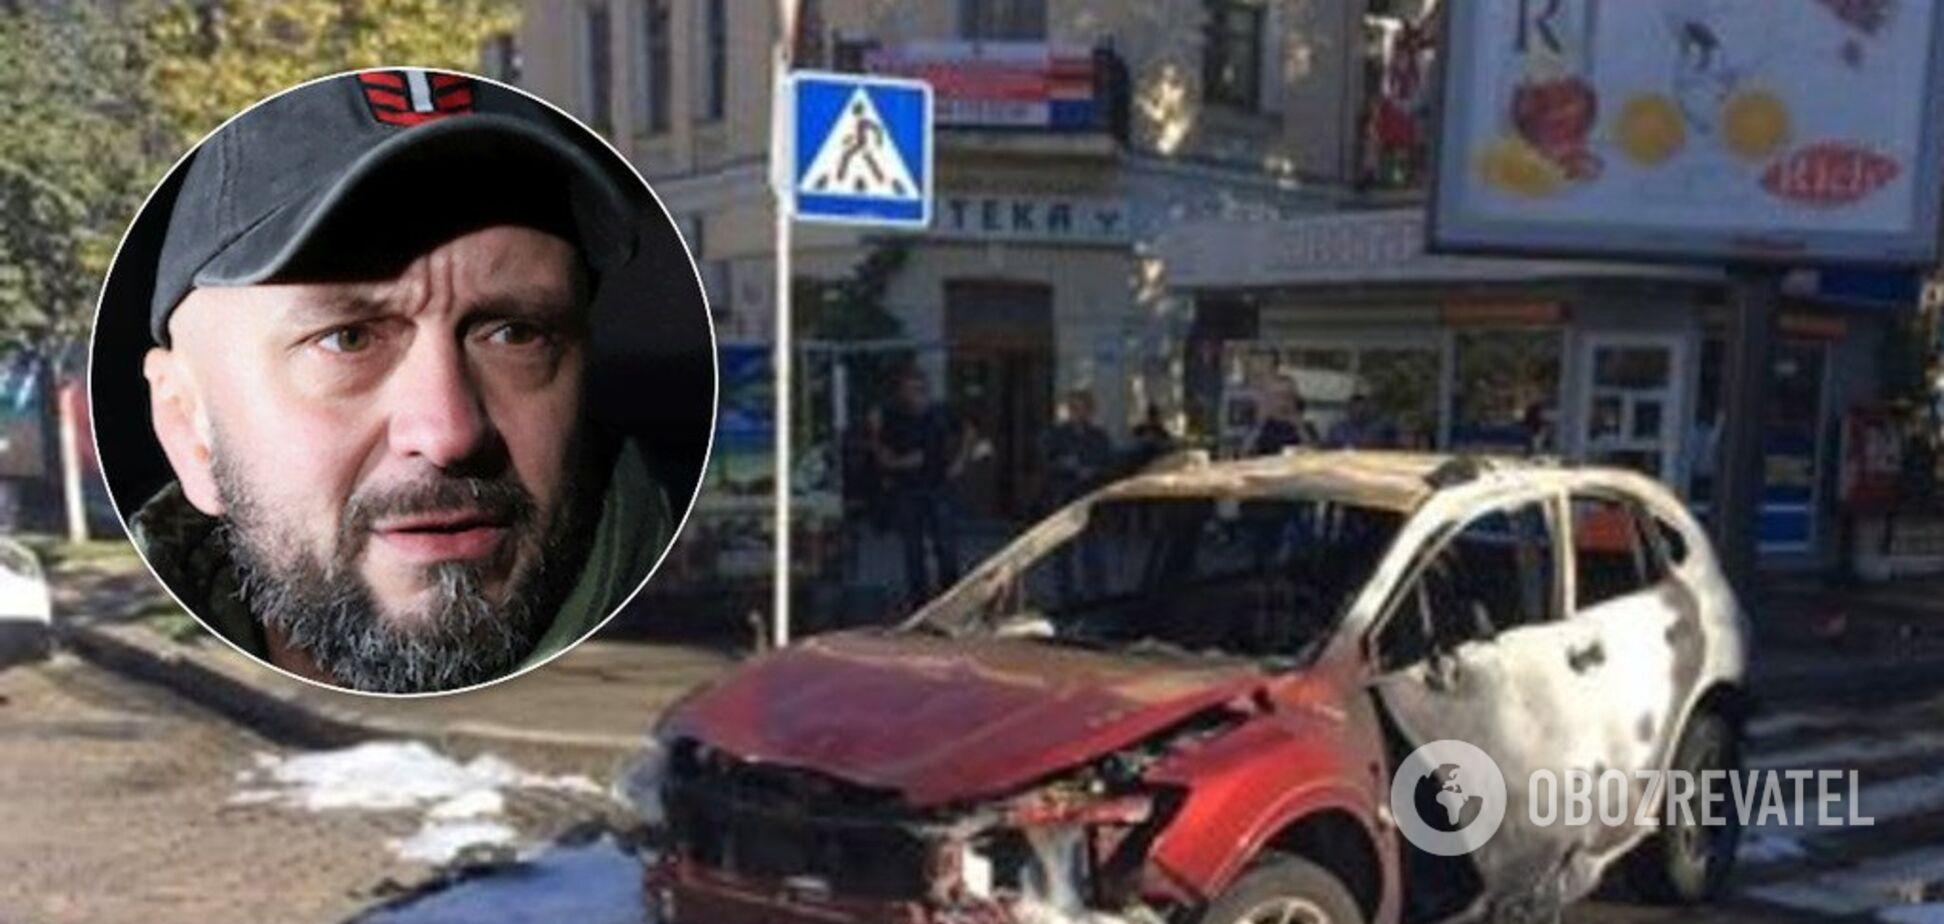 Вбивство Шеремета: поліція знайшла нові докази проти Антоненка